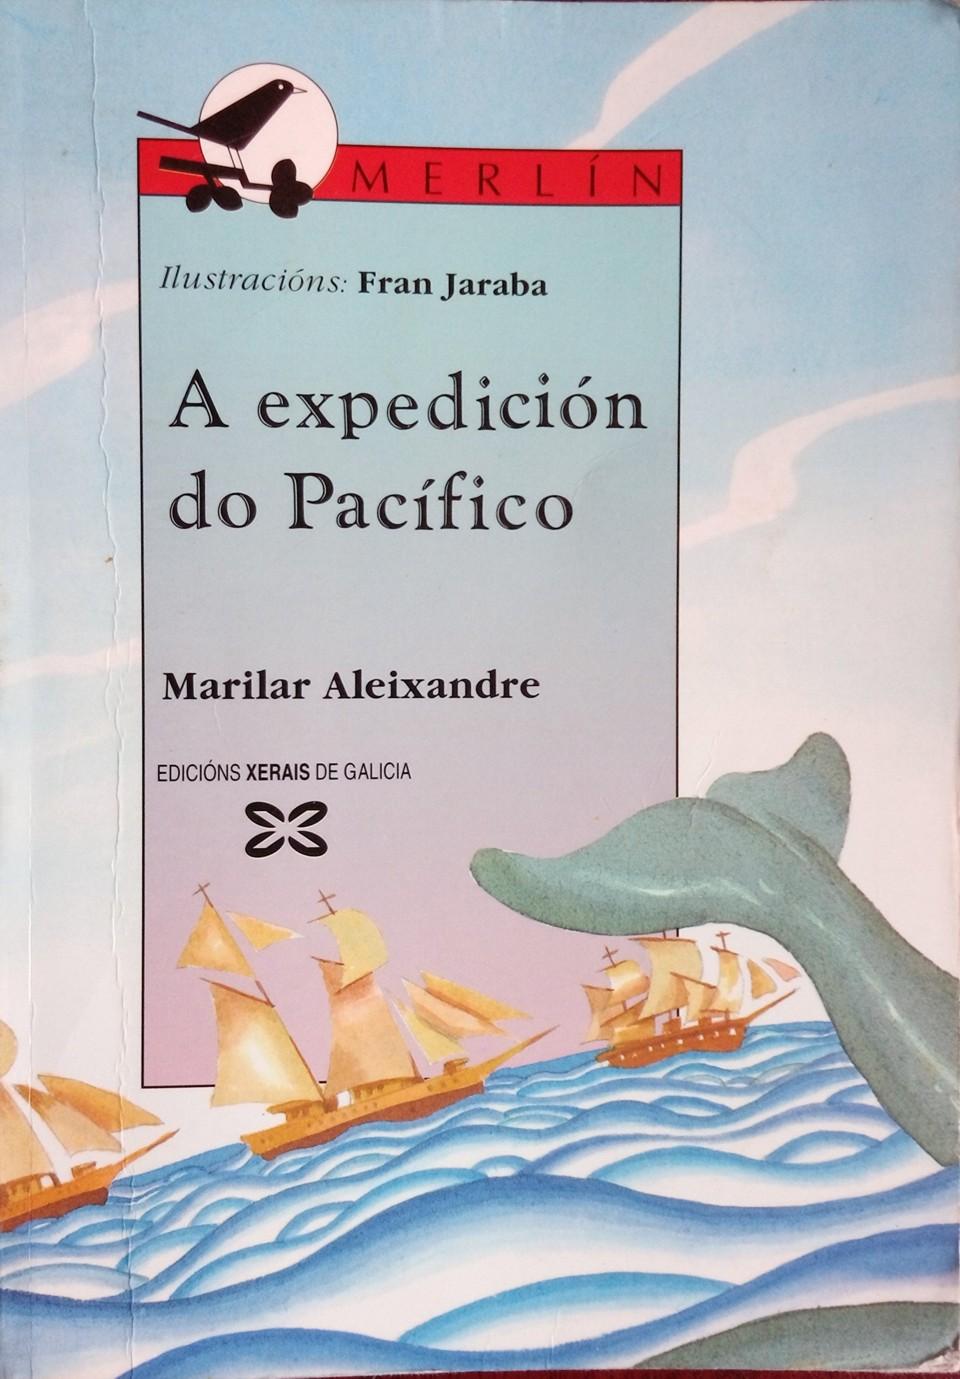 A expedición do Pacífico, Marilar Aleixandre